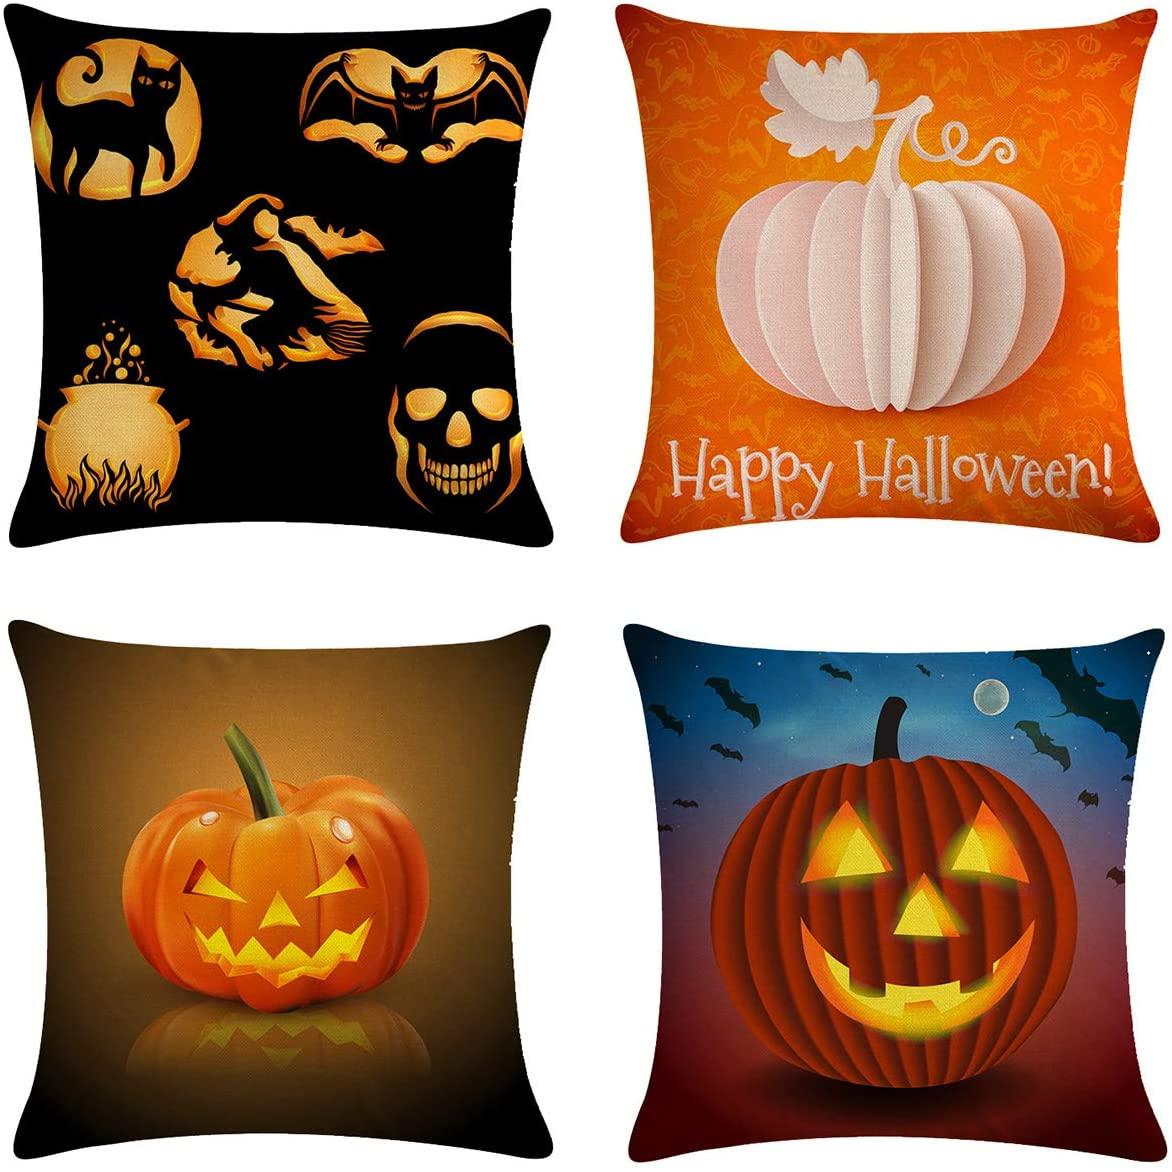 XIECCX Throw Pillow Covers 18x18 Set of 4 - Autumn Home Decorative Pillows Pumpkin Bat for Couch Sofa Bed Breathable Linen with Hidden Zipper(Halloween Pumpkin)